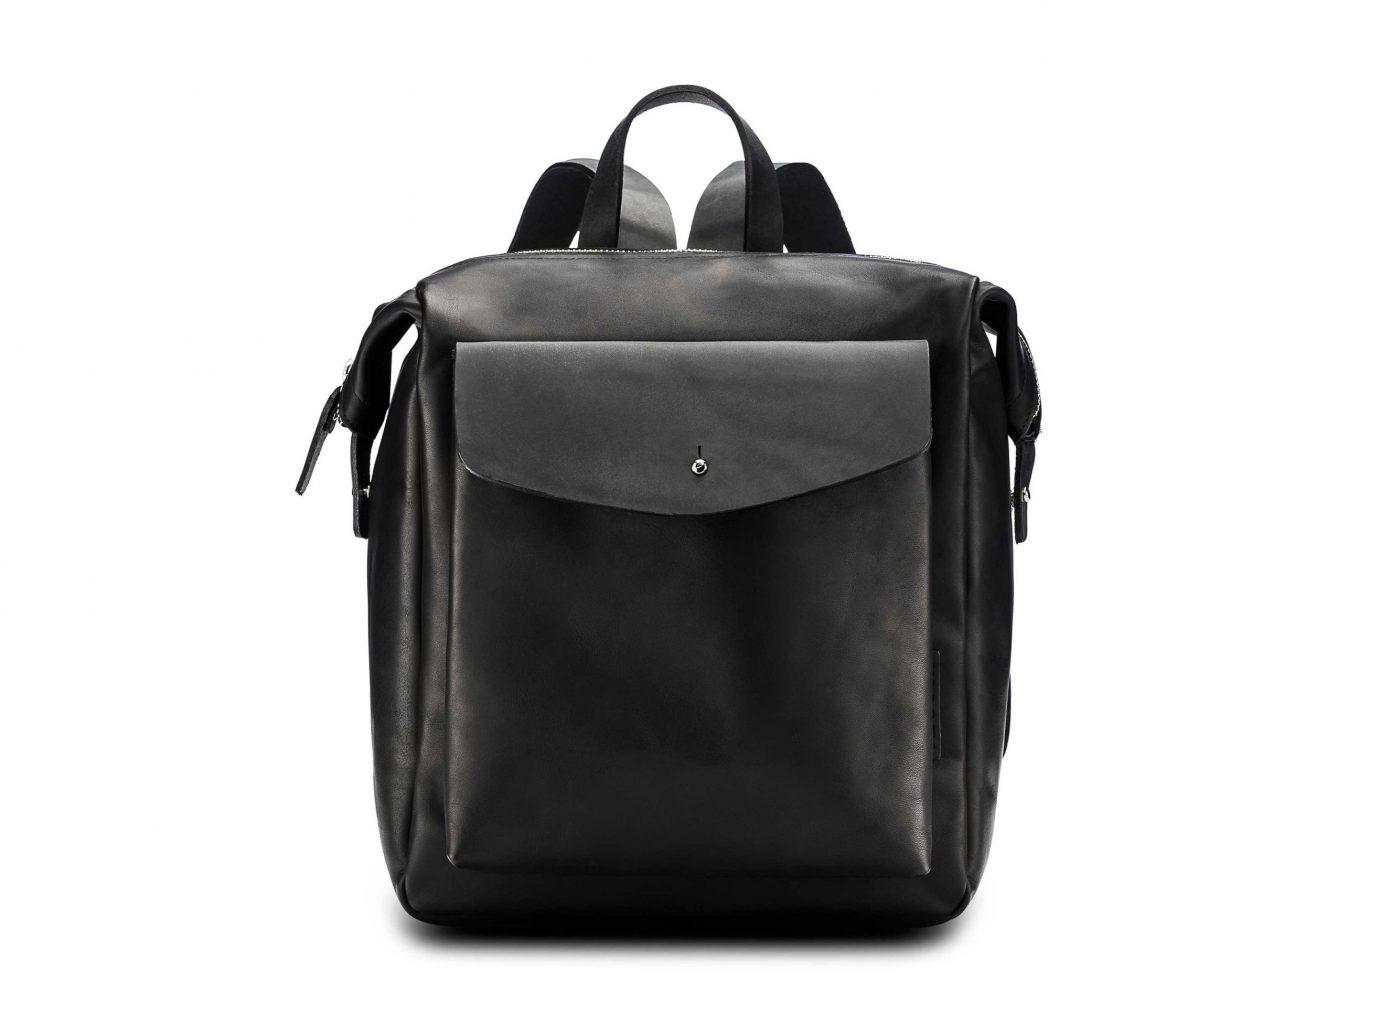 Japan Packing Tips Style + Design Travel Shop bag black accessory leather product shoulder bag handbag case messenger bag baggage product design hand luggage luggage & bags business bag brand